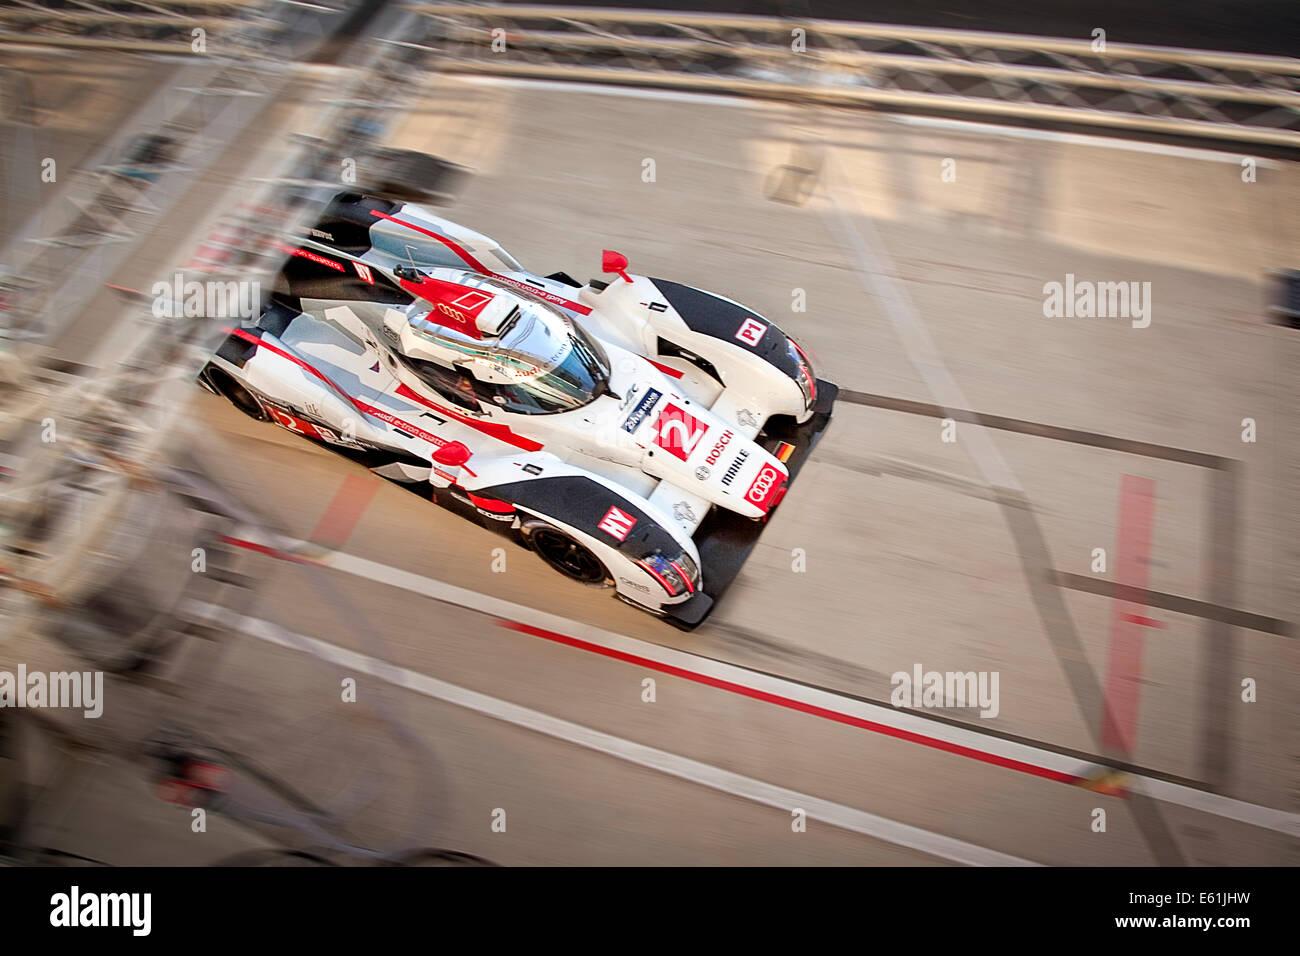 Audi R18 e-tron car No.2 entering pit 2014 Le mans 24 hour race. Car was winner of the race. Stock Photo